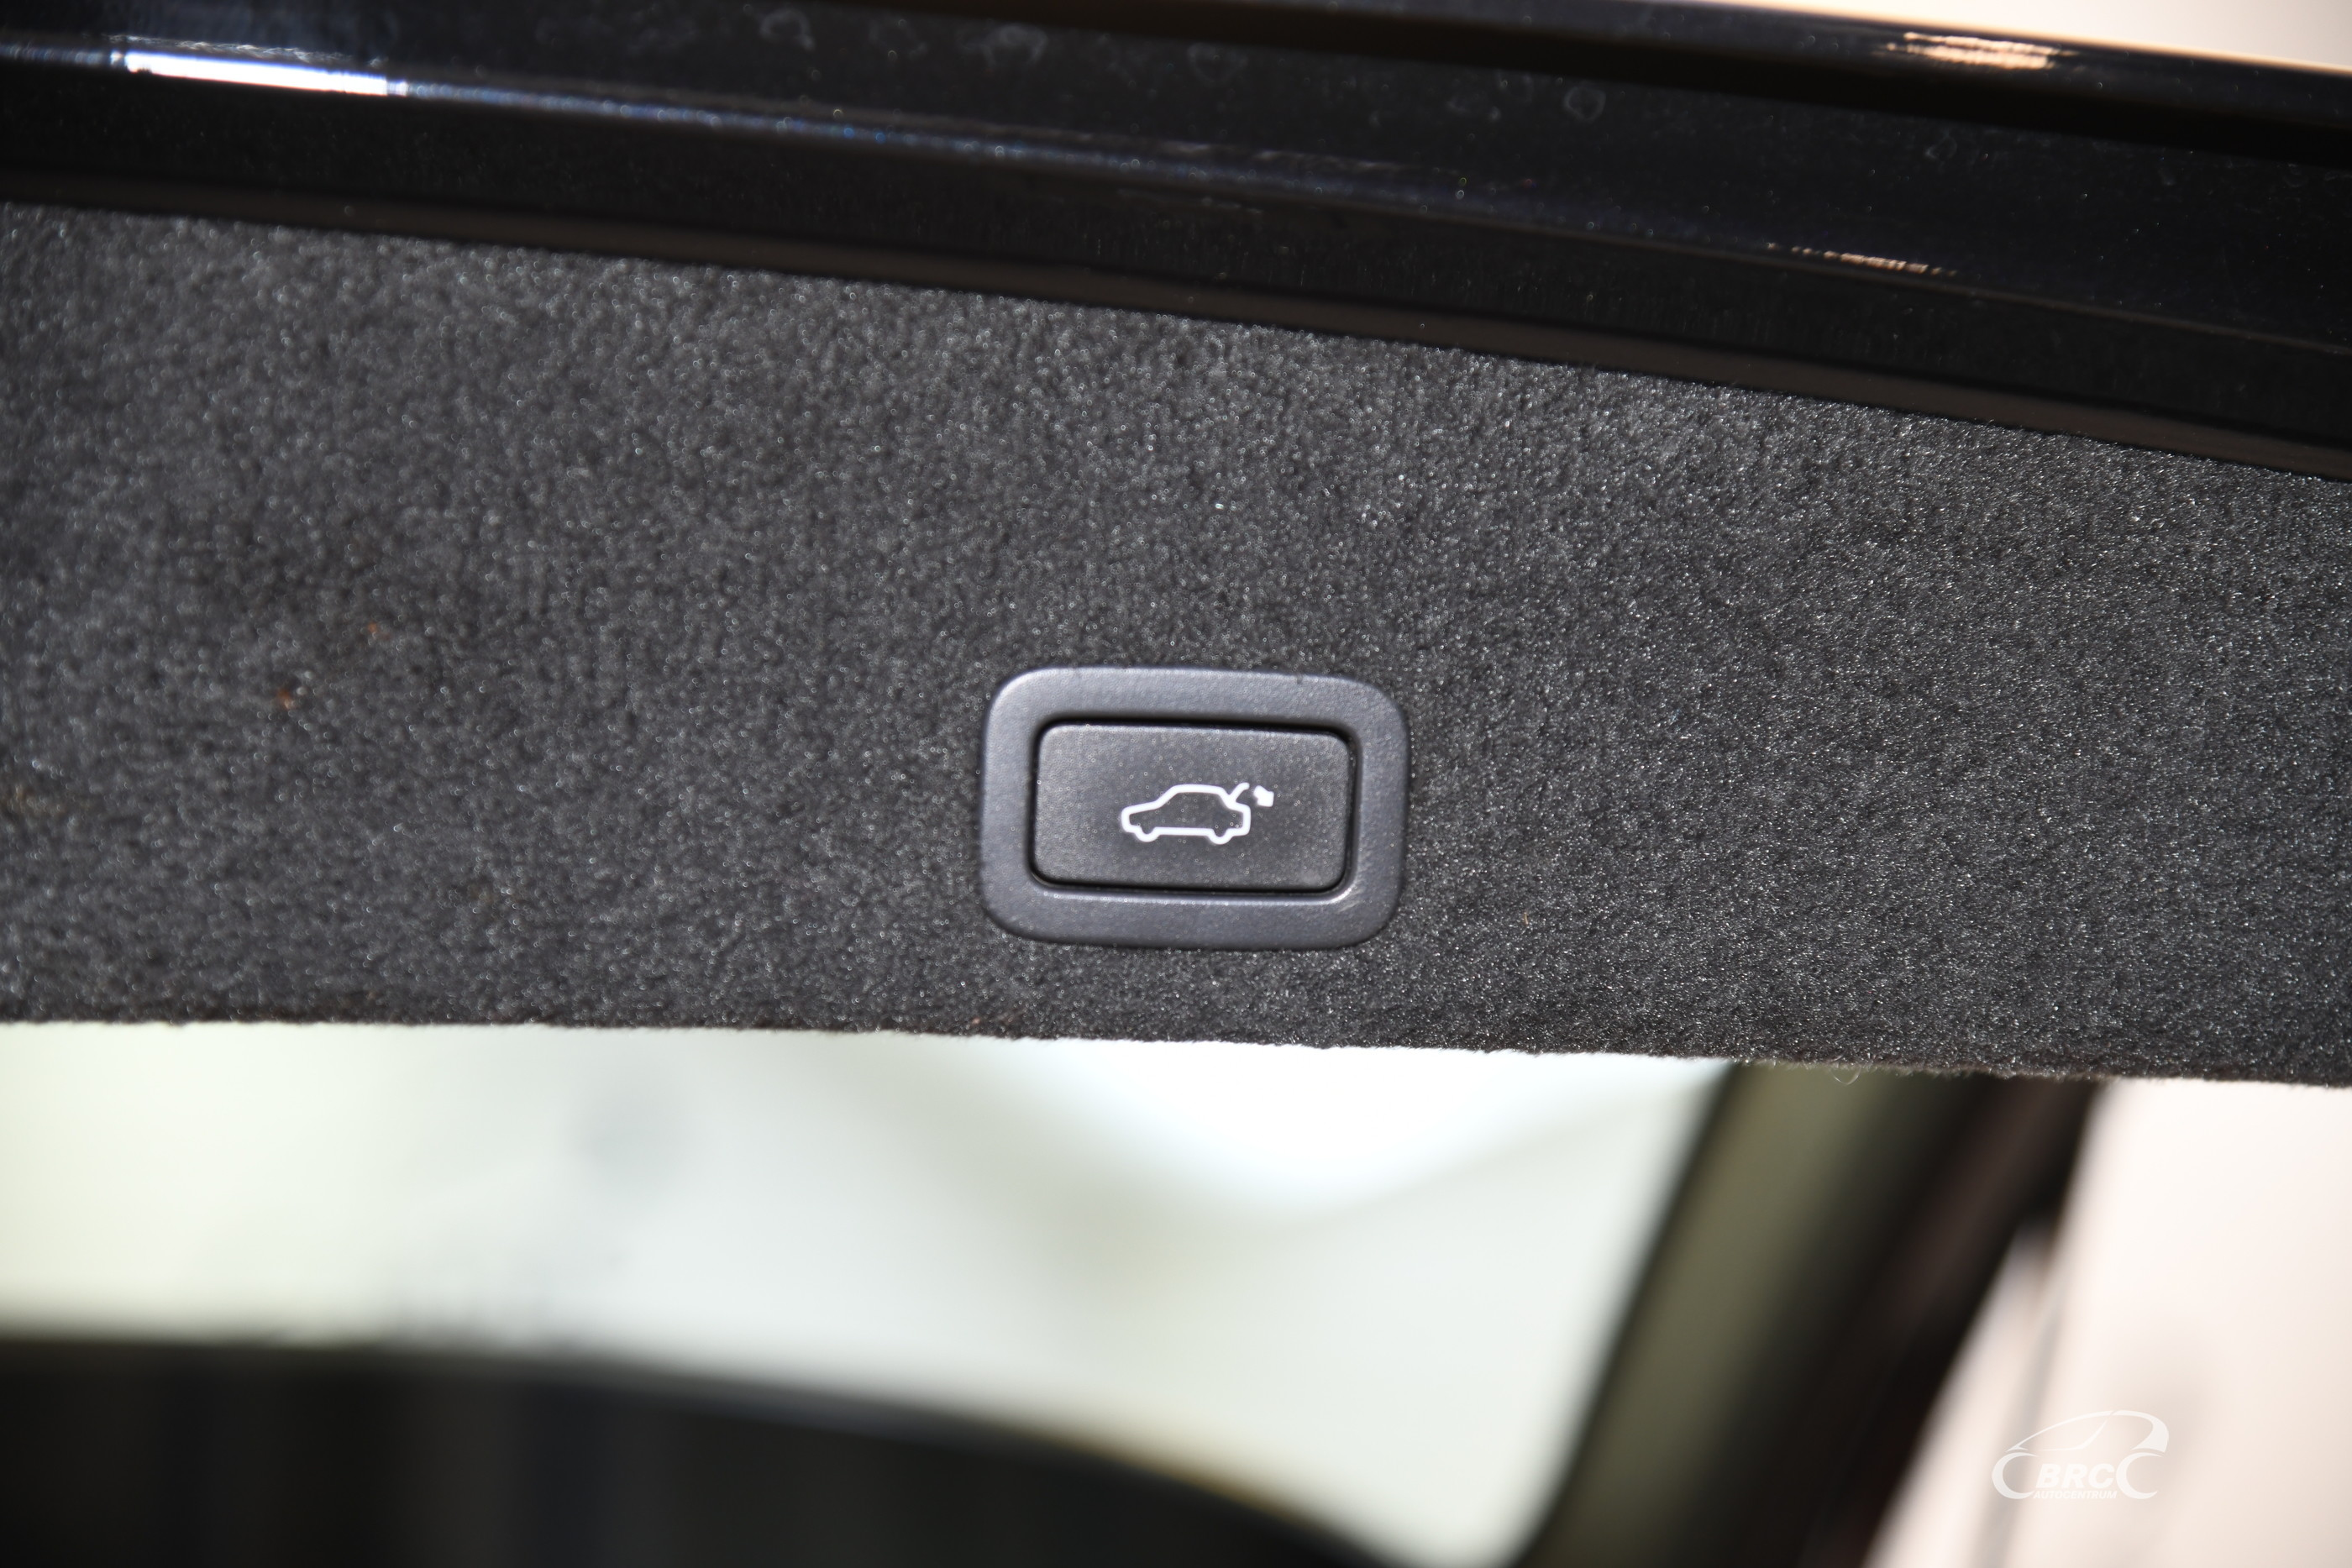 Volvo XC 60 2.4 D5 Automatas